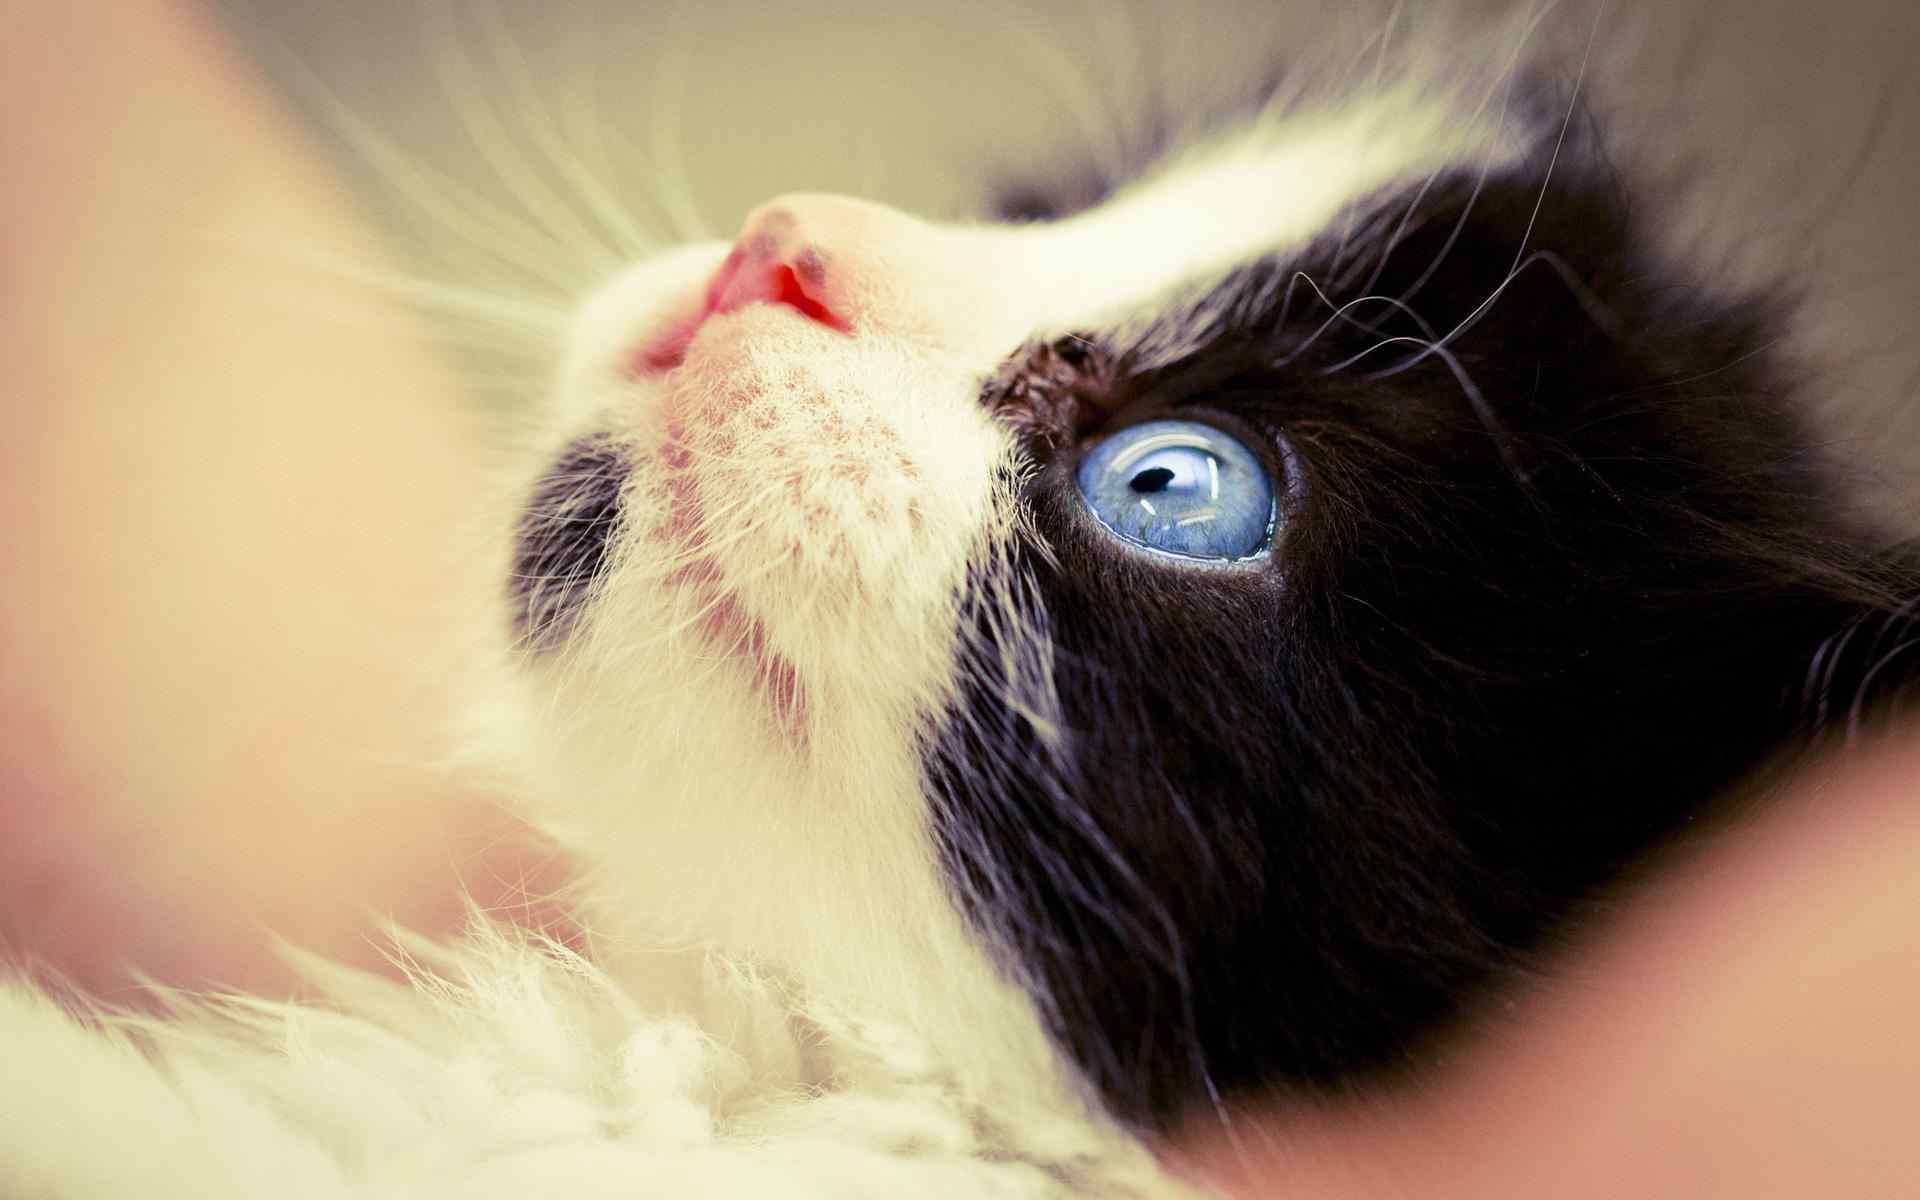 超萌可爱小猫图片高清桌面壁纸 小猫图片 猫咪图片